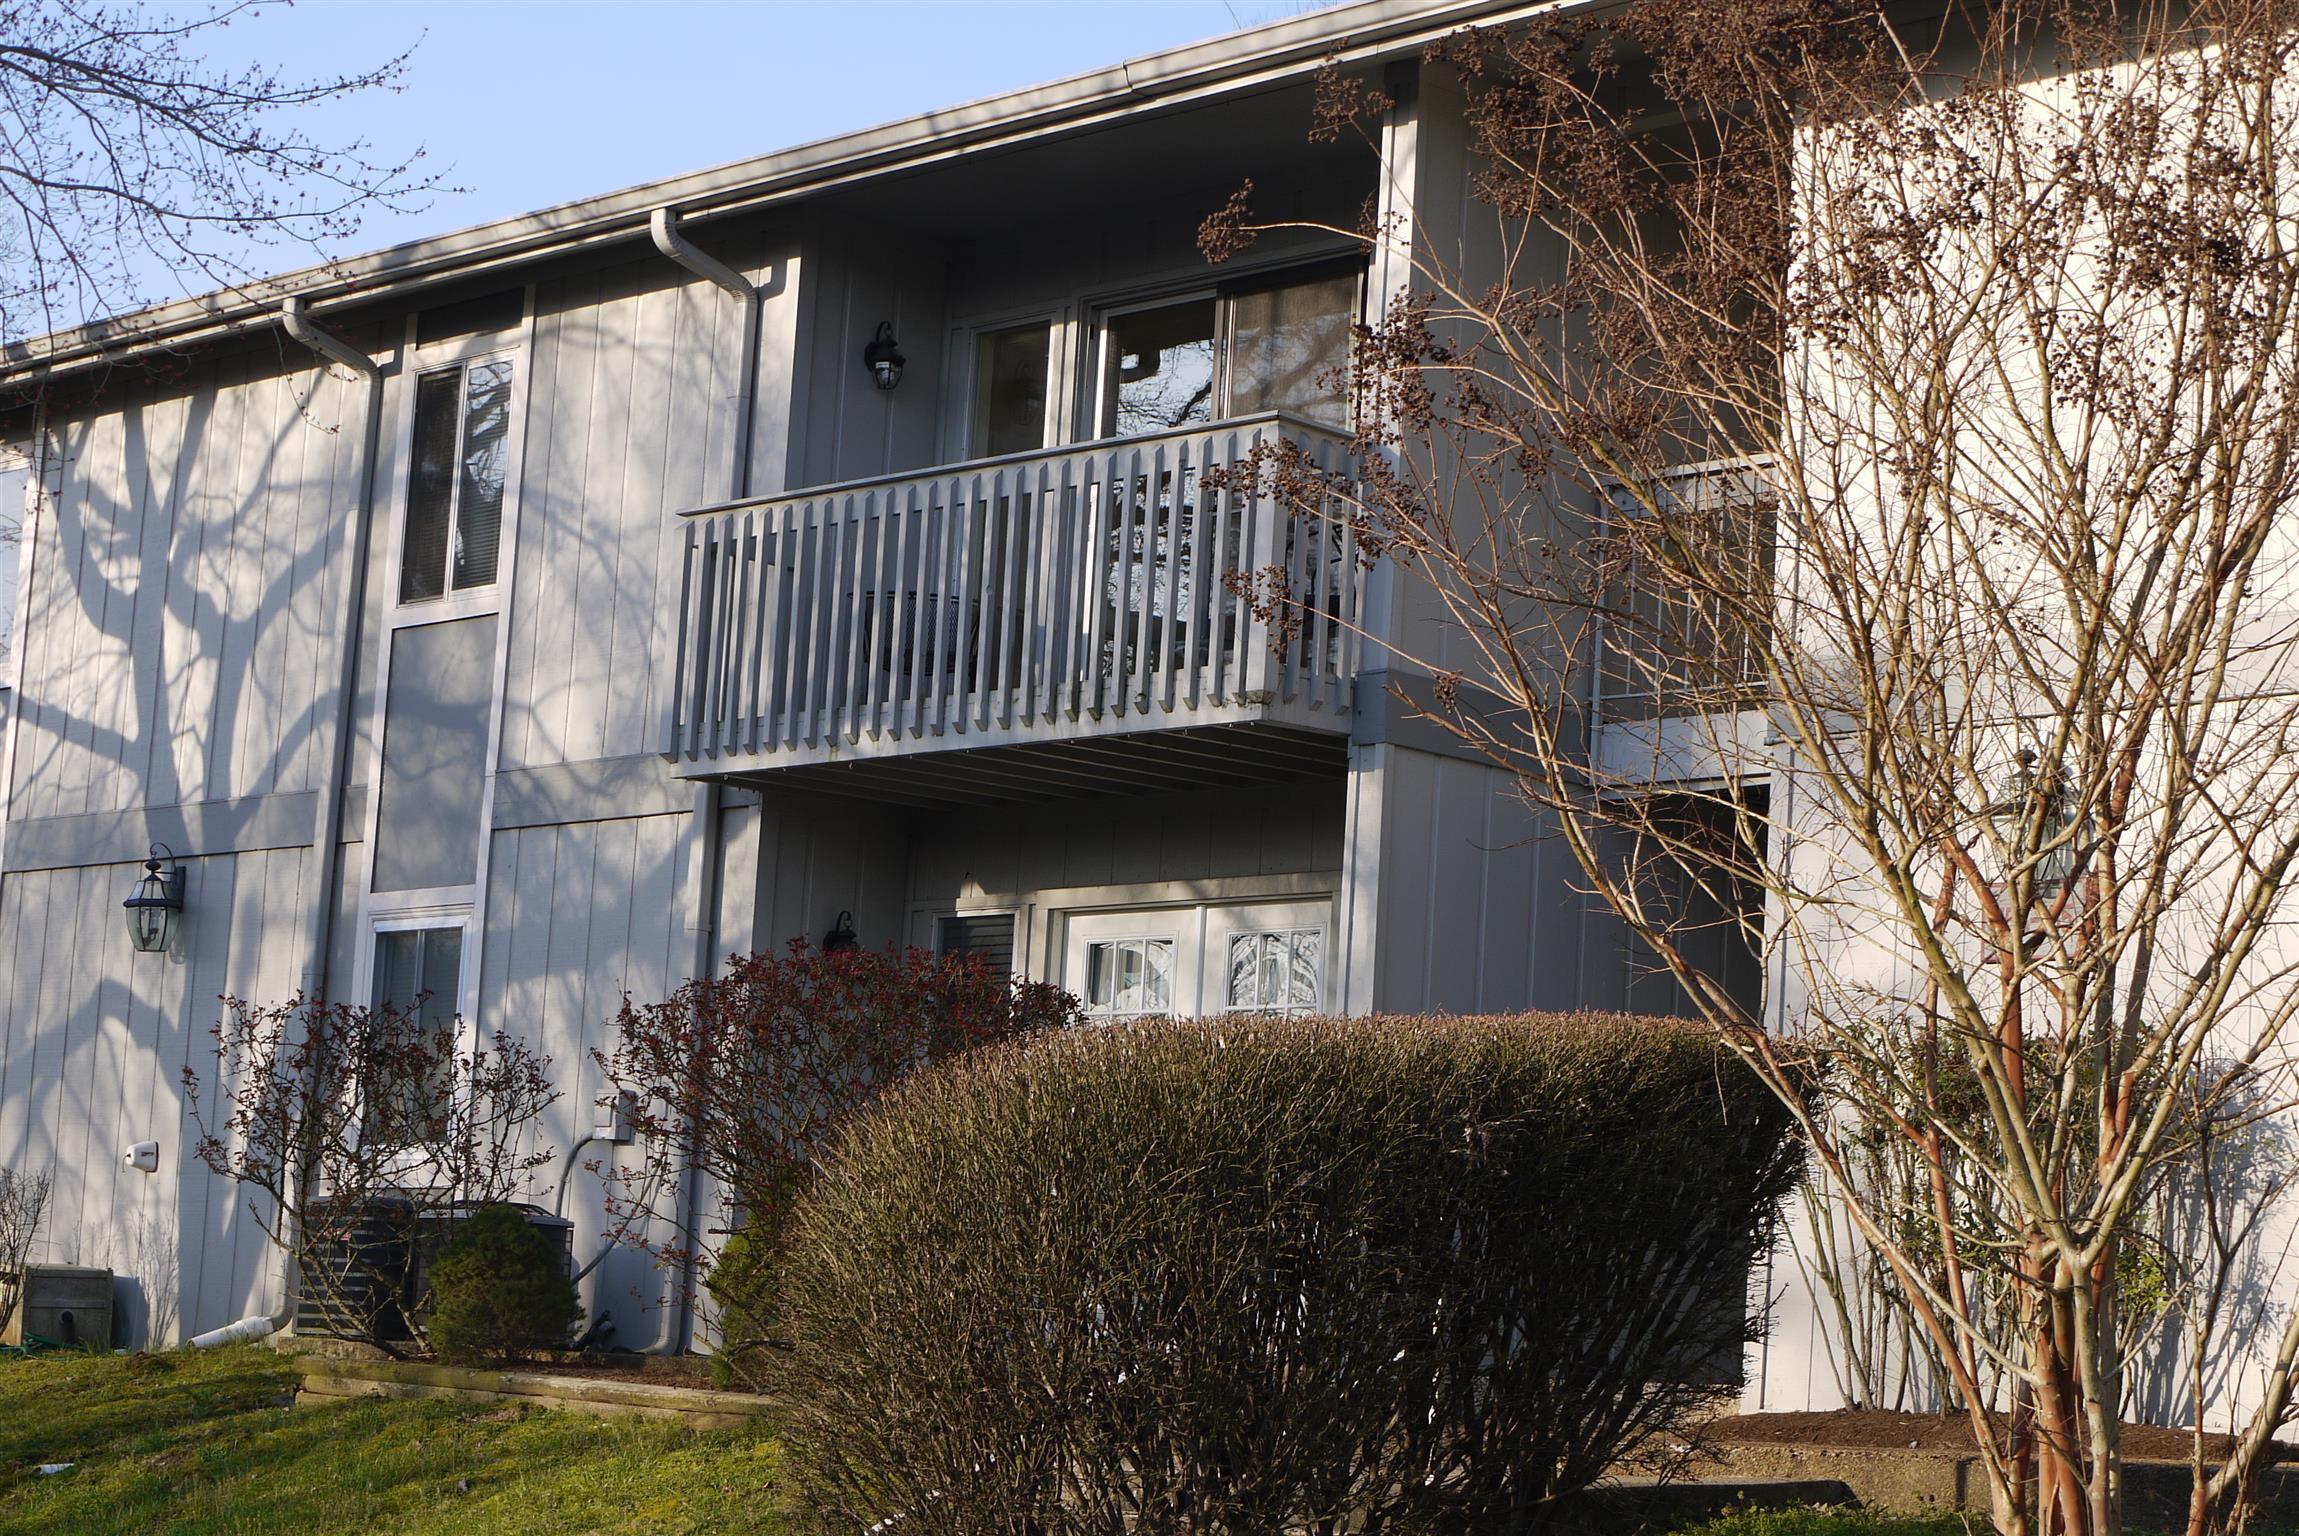 21 Vaughns Gap Rd, Belle Meade, Tennessee